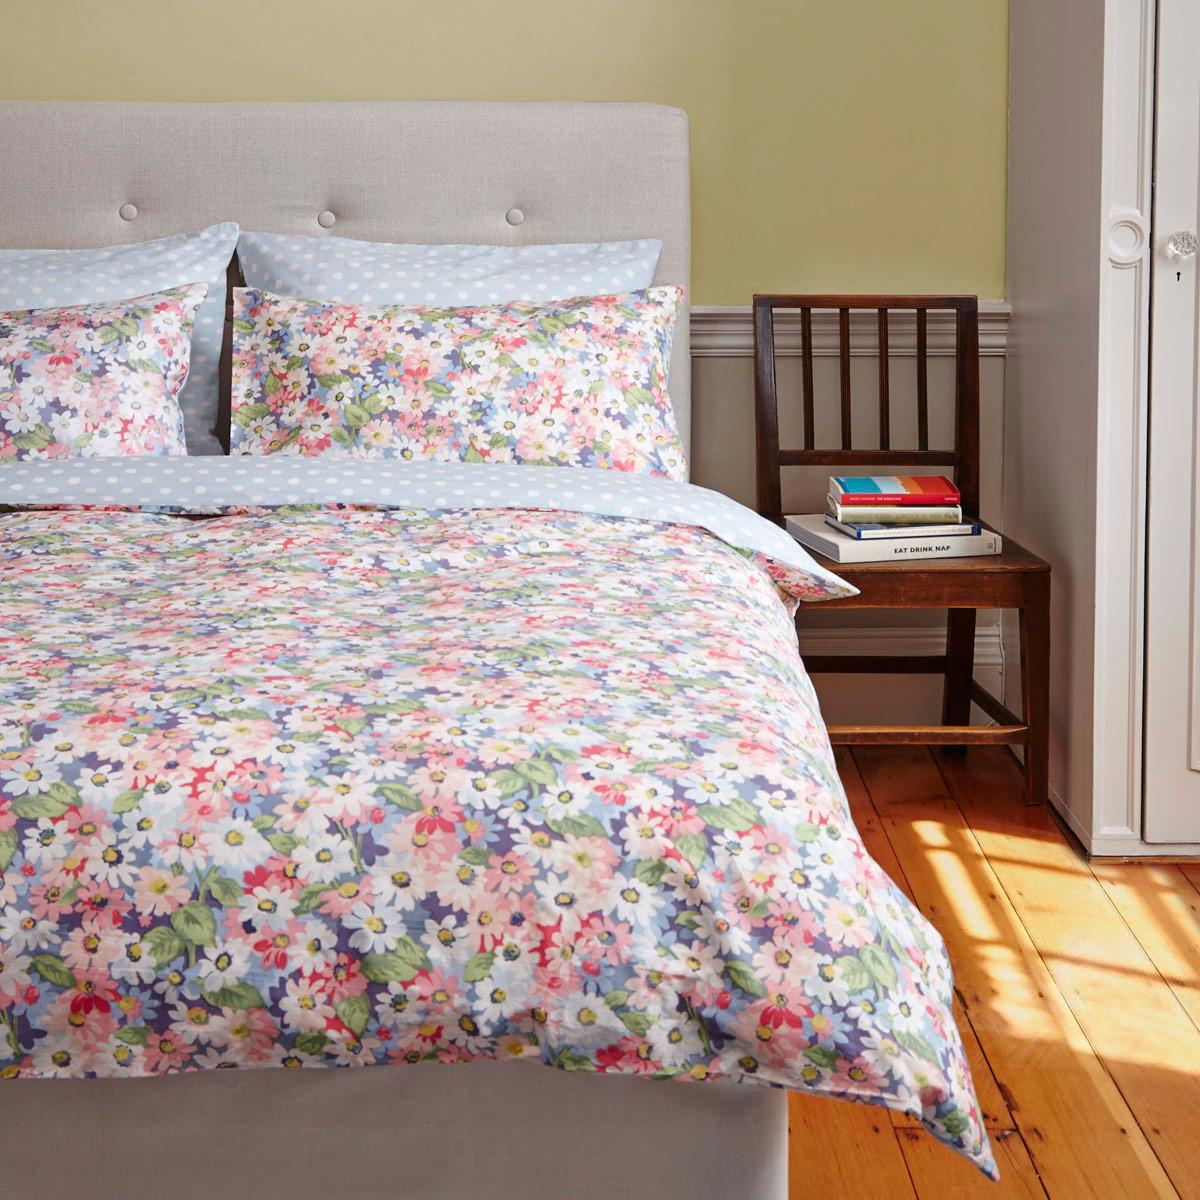 Cath-Kidston-flower-bedding